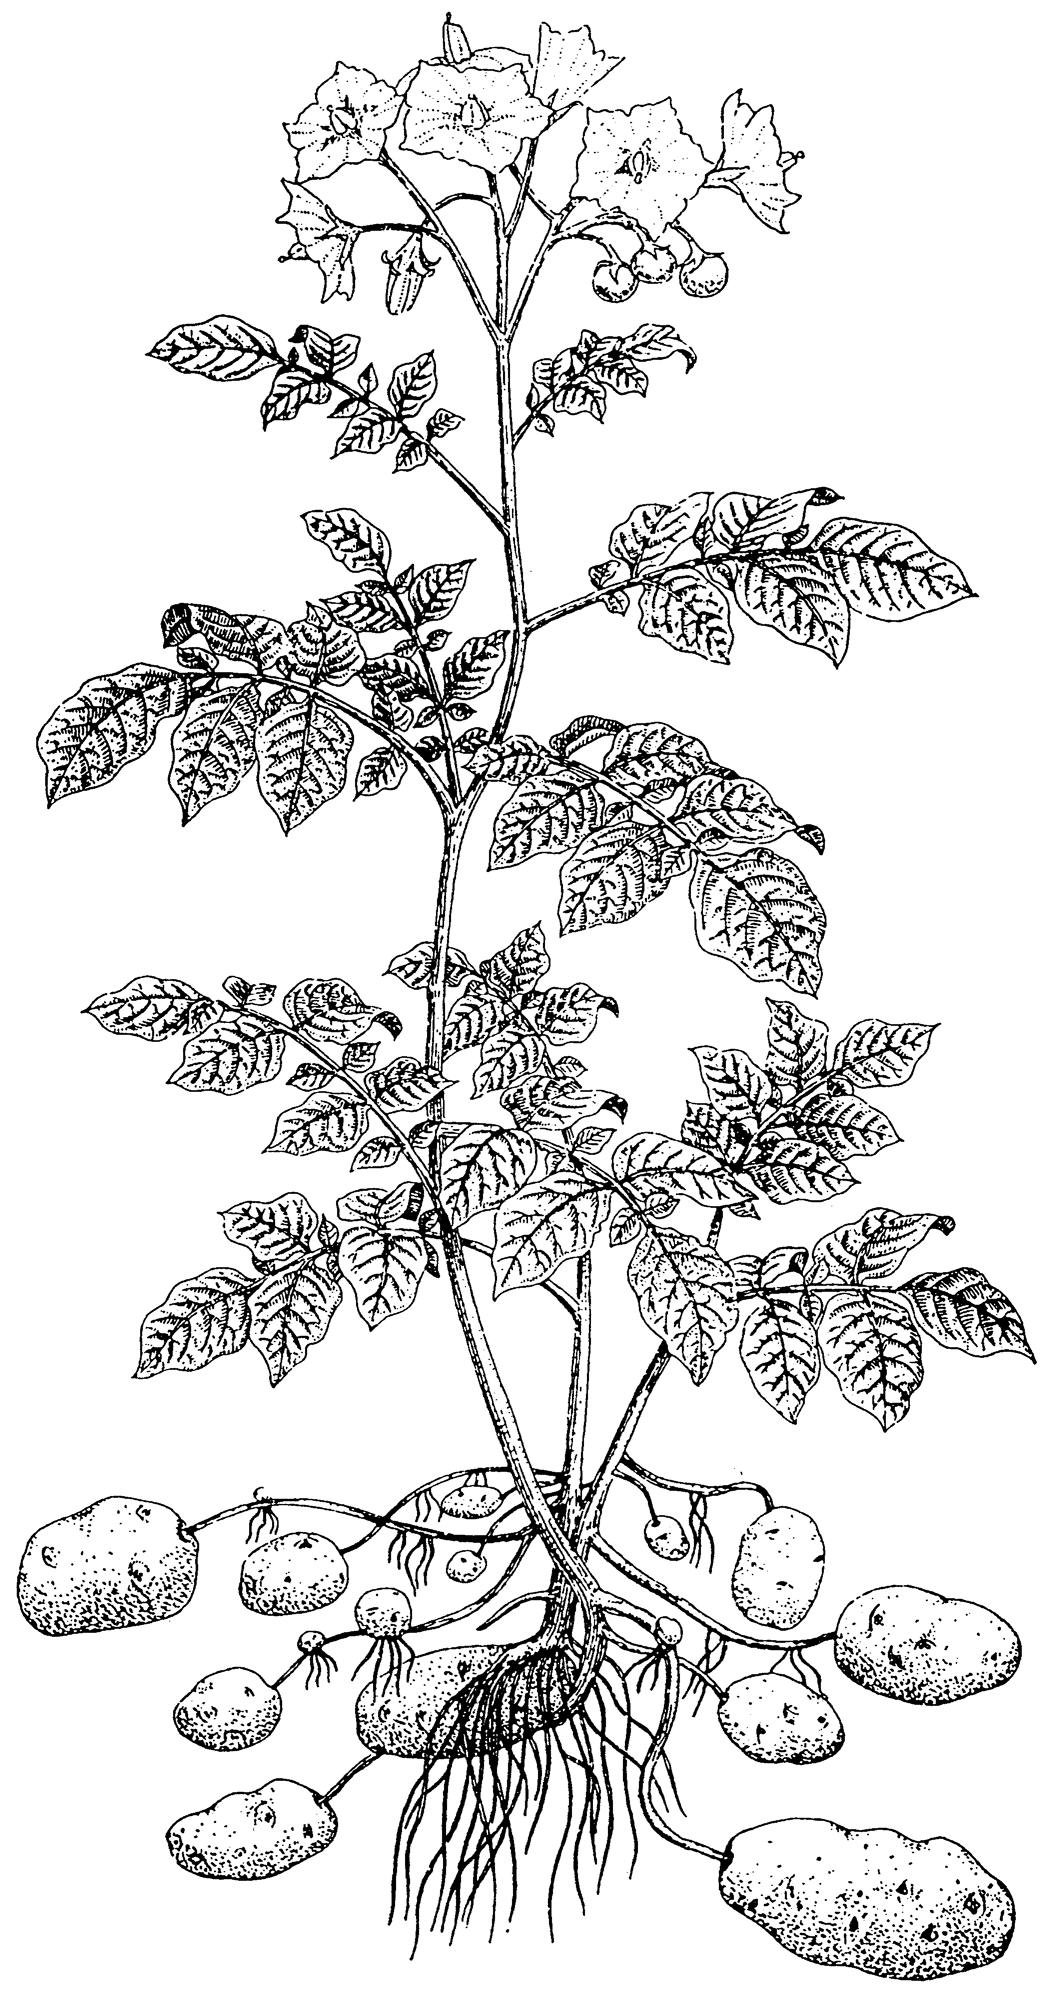 Potato Plant Drawing At Getdrawings